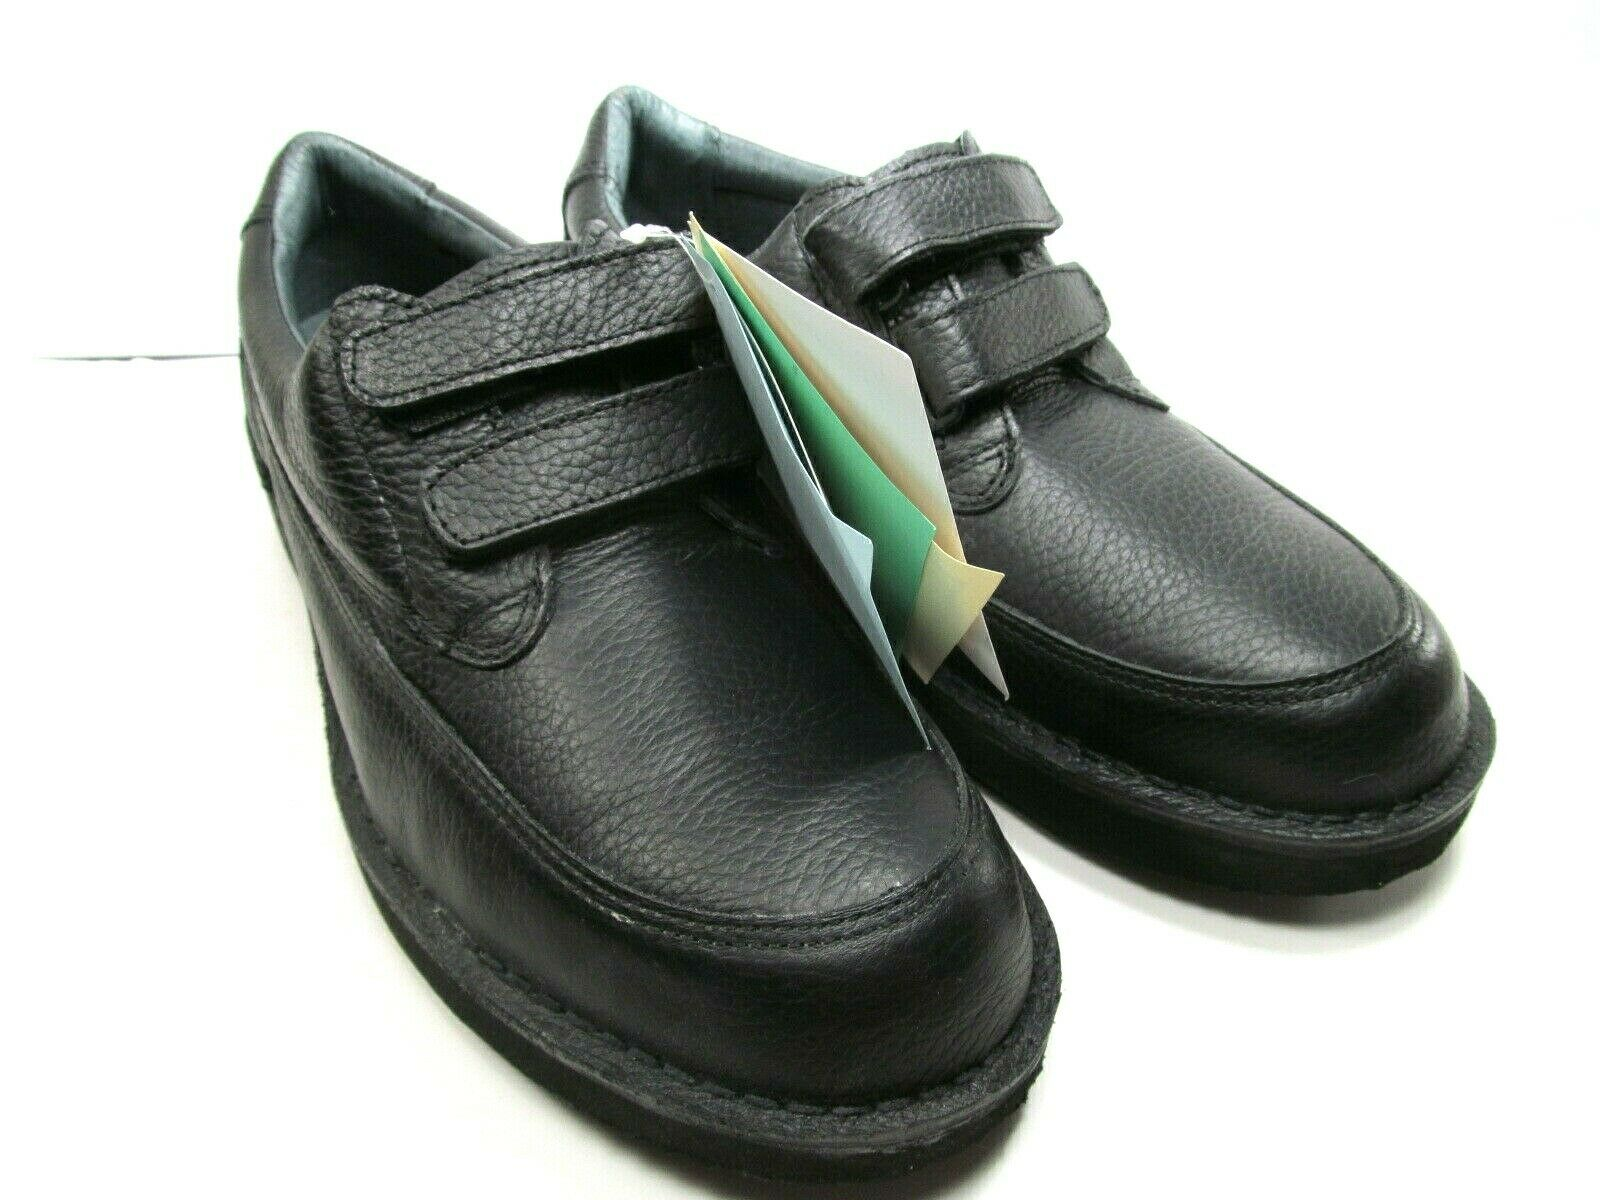 Footonic 2 Walkabout Eva-Tec Semelles Hommes Noir Cuir Chaussures Confort Taille US 10 E